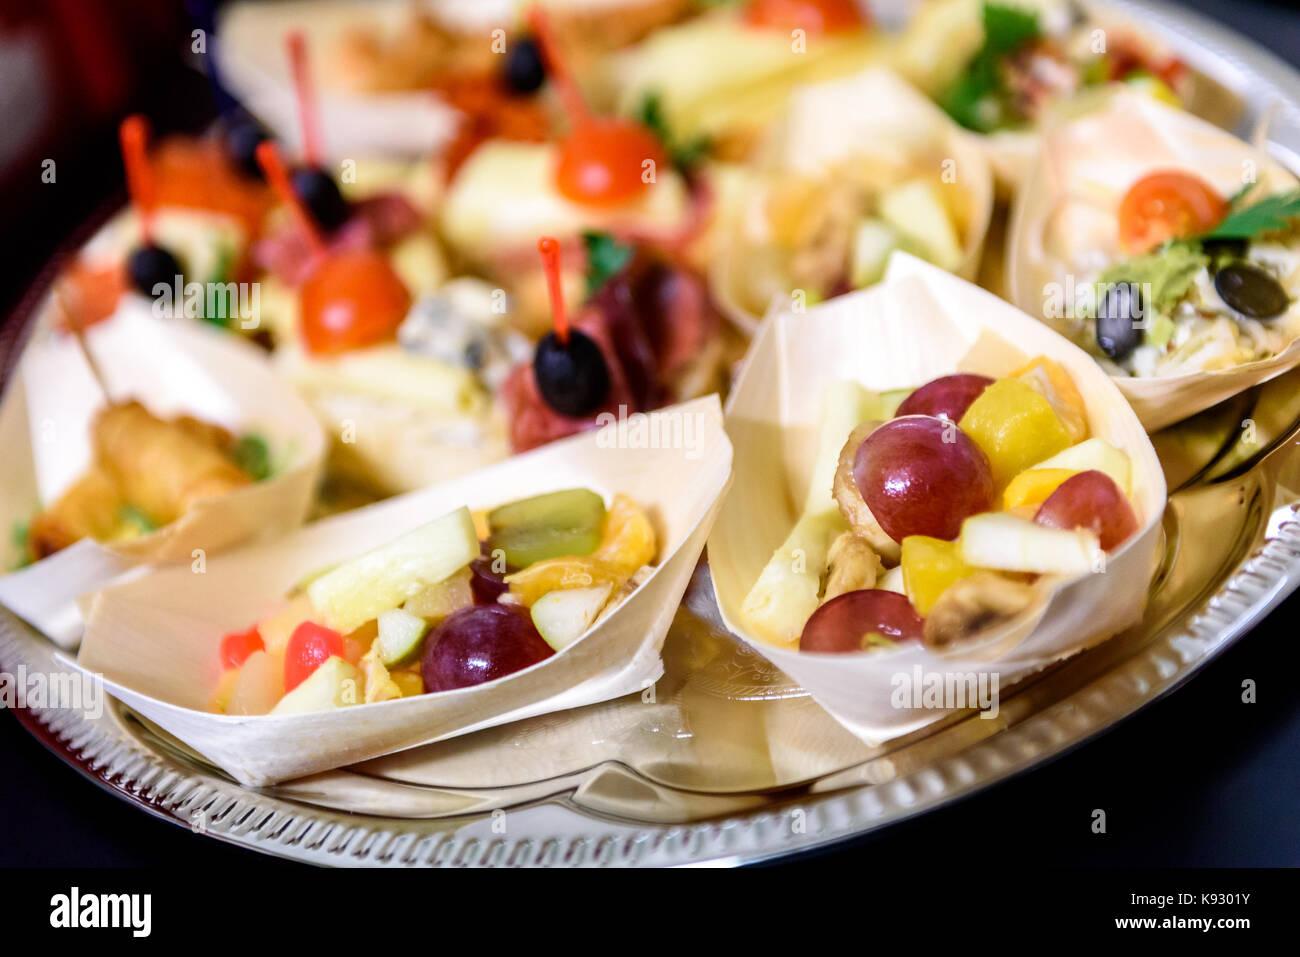 Canapés caseros sandwiches pequeños aperitivos. Mezcla de diferentes finger food bocadillos para una fiesta o banquete en una placa. Foto de stock